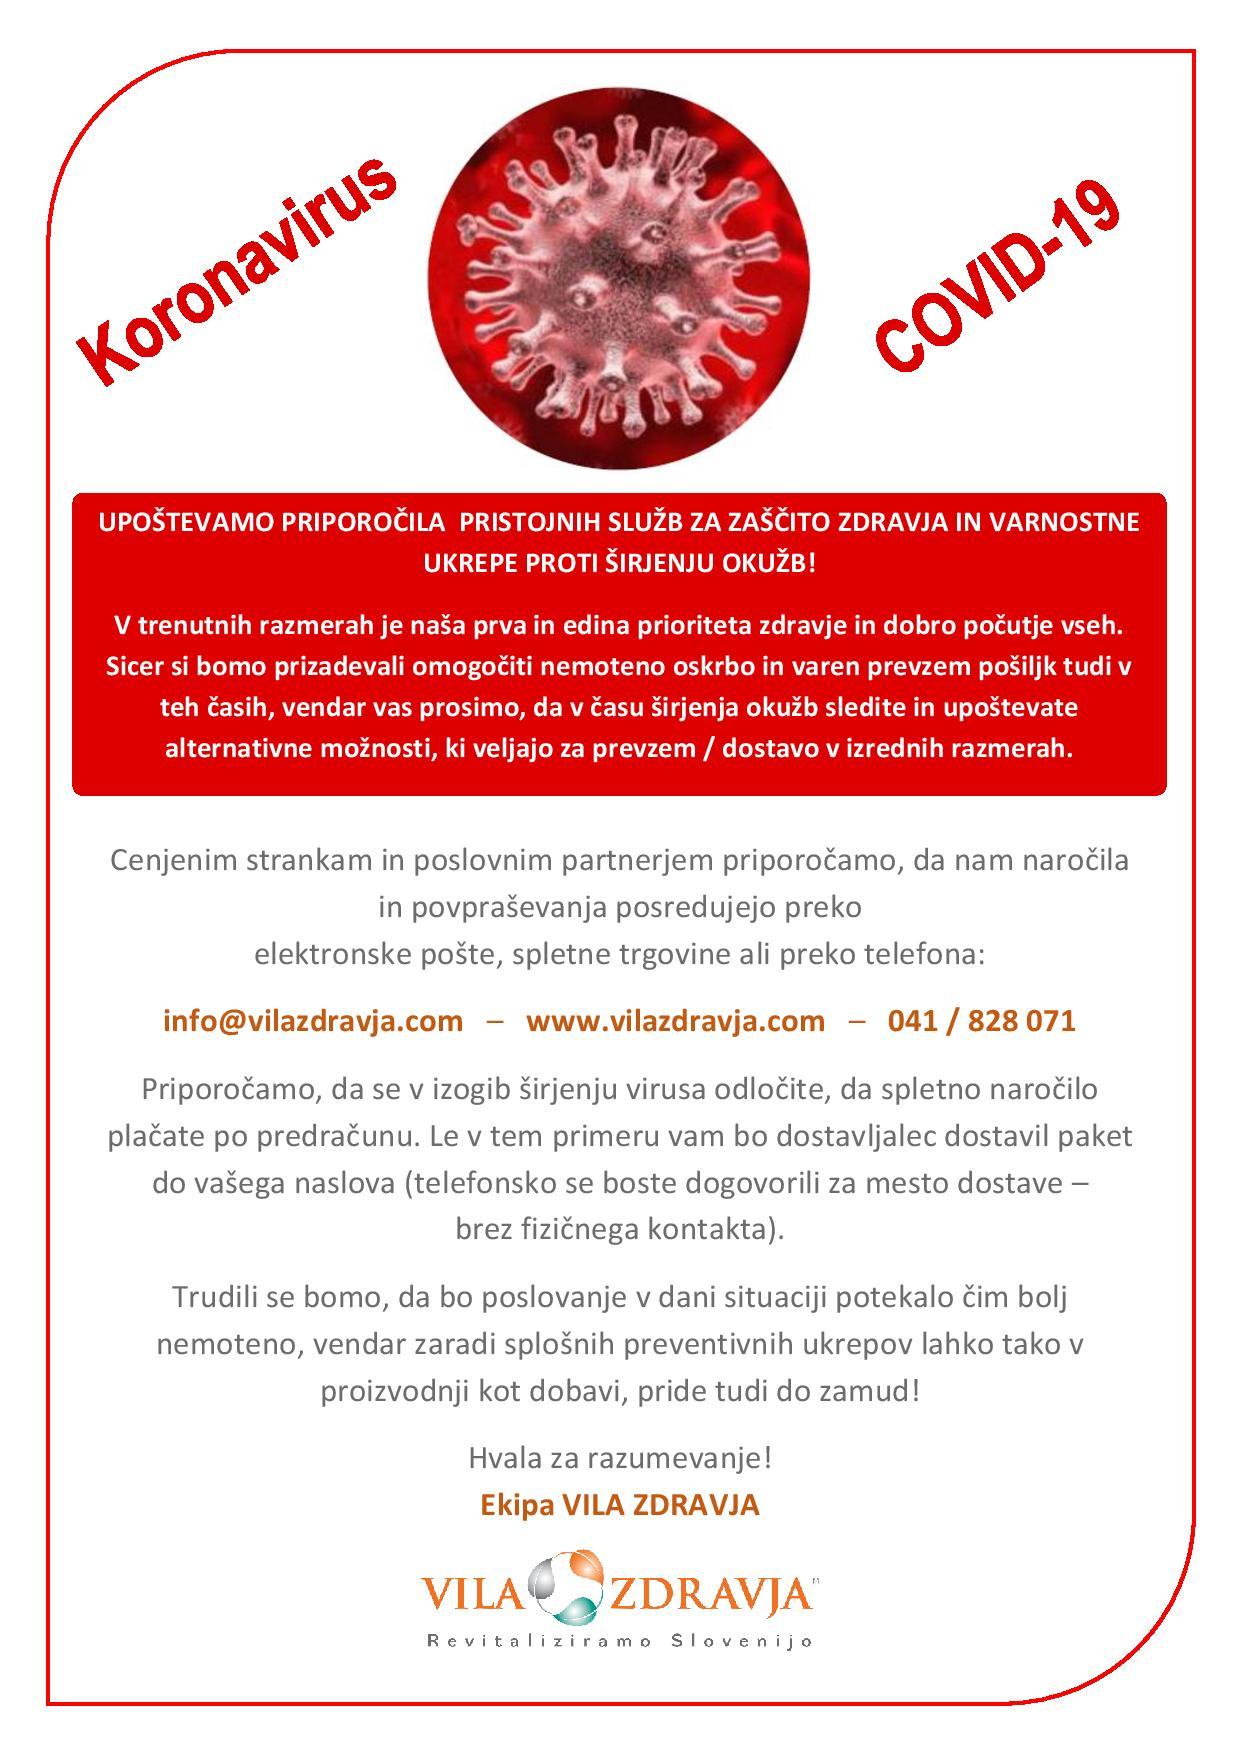 VILA ZDRAVJA-OBVESTILO CORONA VIRUS-IV-page-001